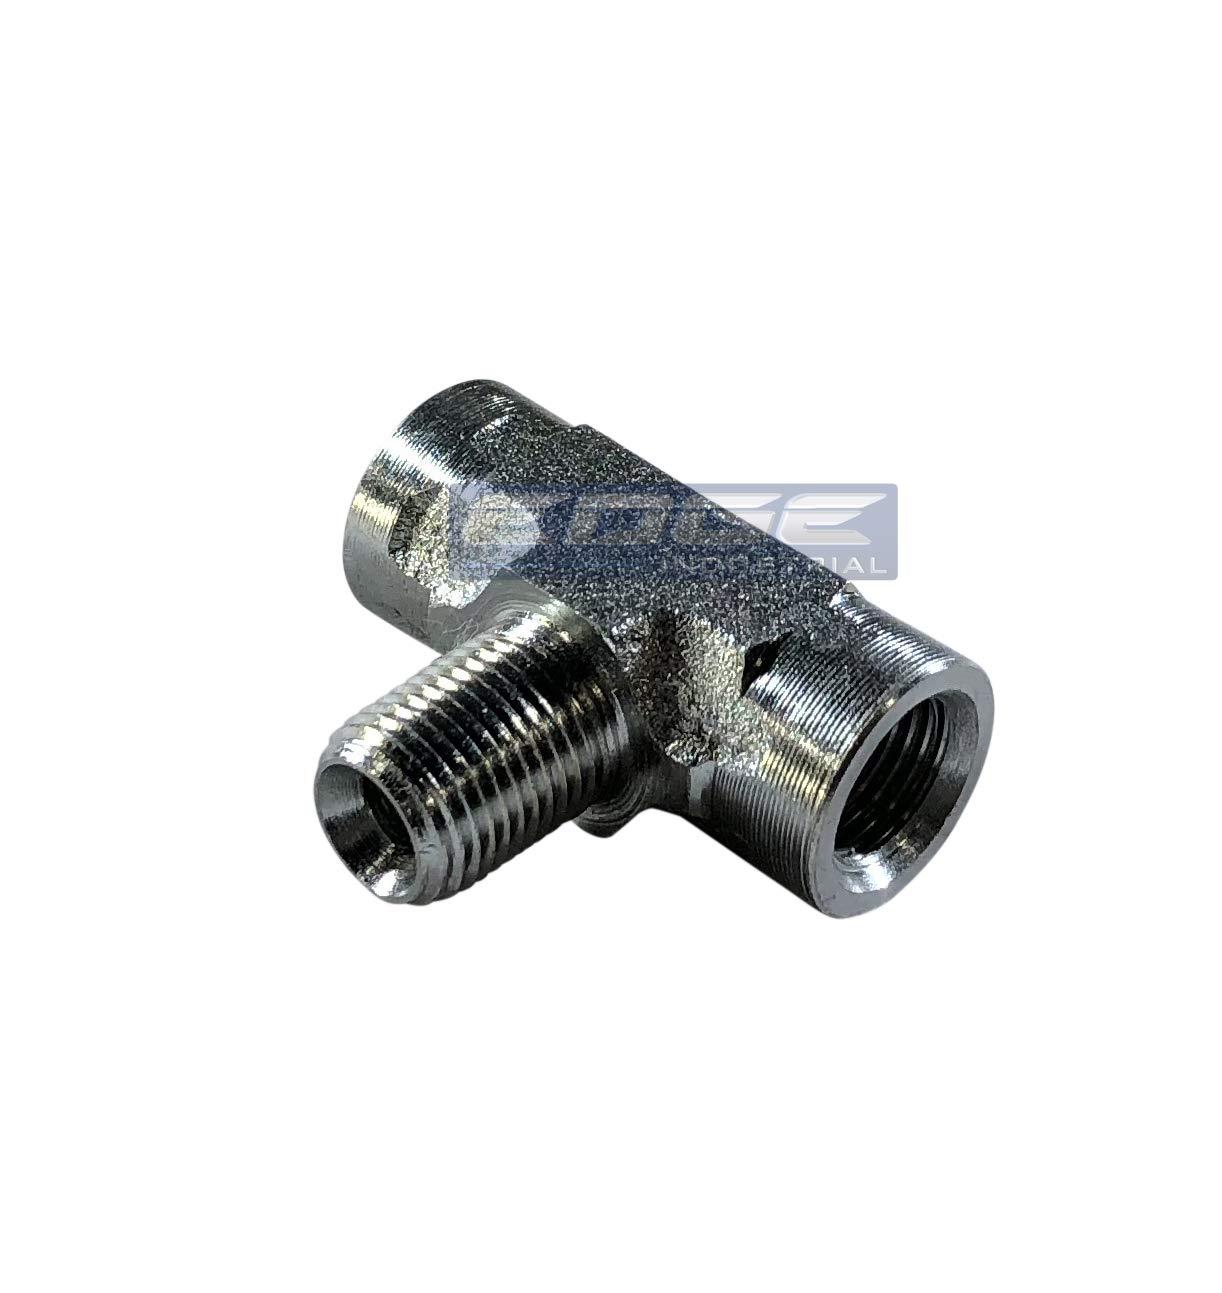 AIR//Water EDGE INDUSTRIAL Steel Female TEE 1//8 FNPT HYDRUALIC//Fuel Oil//Gas WOG